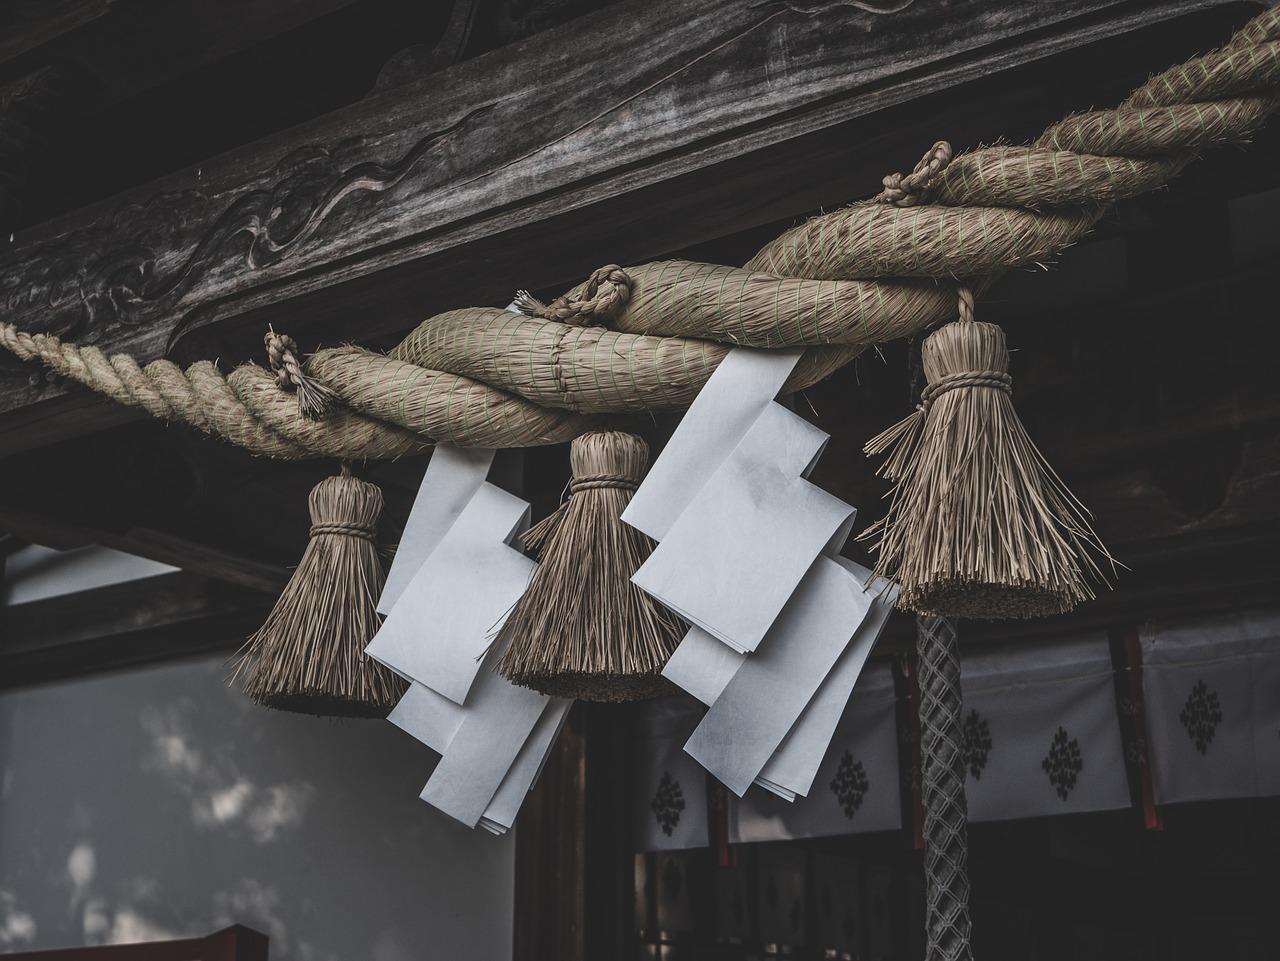 神棚の配置場所や方法とは?お供えの配置方法についても解説!のサムネイル画像